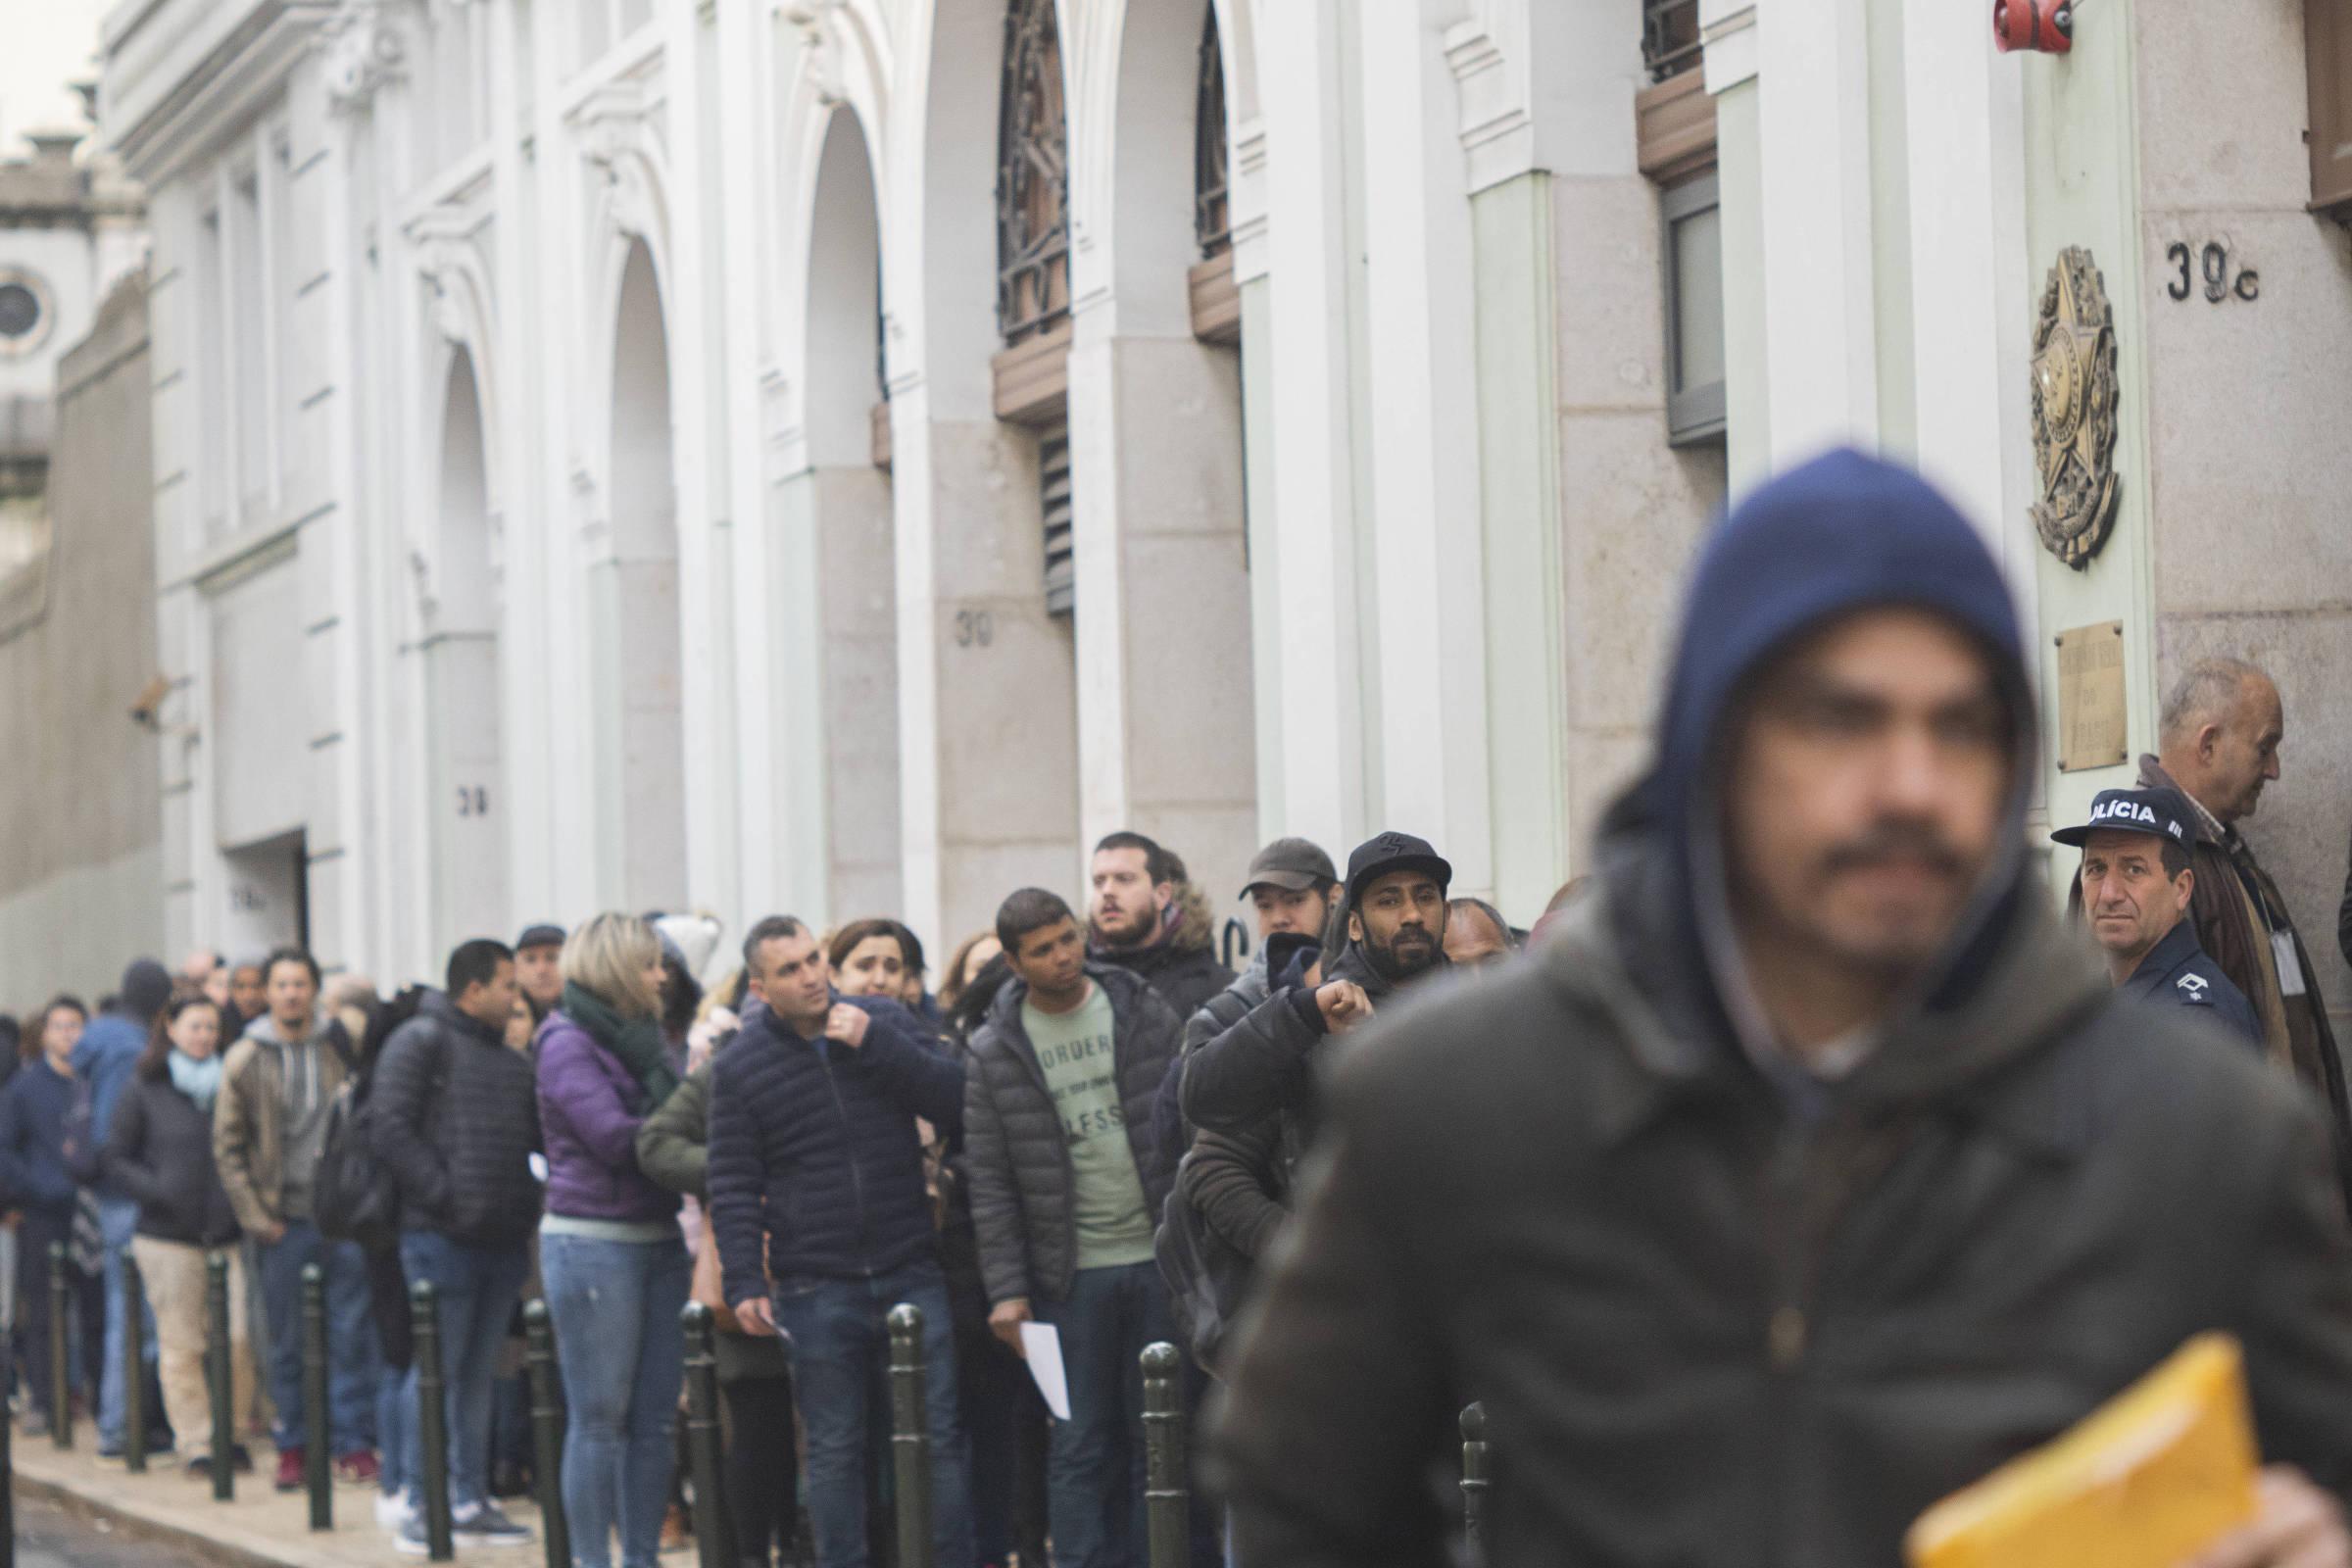 9484d275c0 Mudança em lei provoca explosão de pedidos de nacionalidade portuguesa -  22 03 2019 - Mundo - Folha